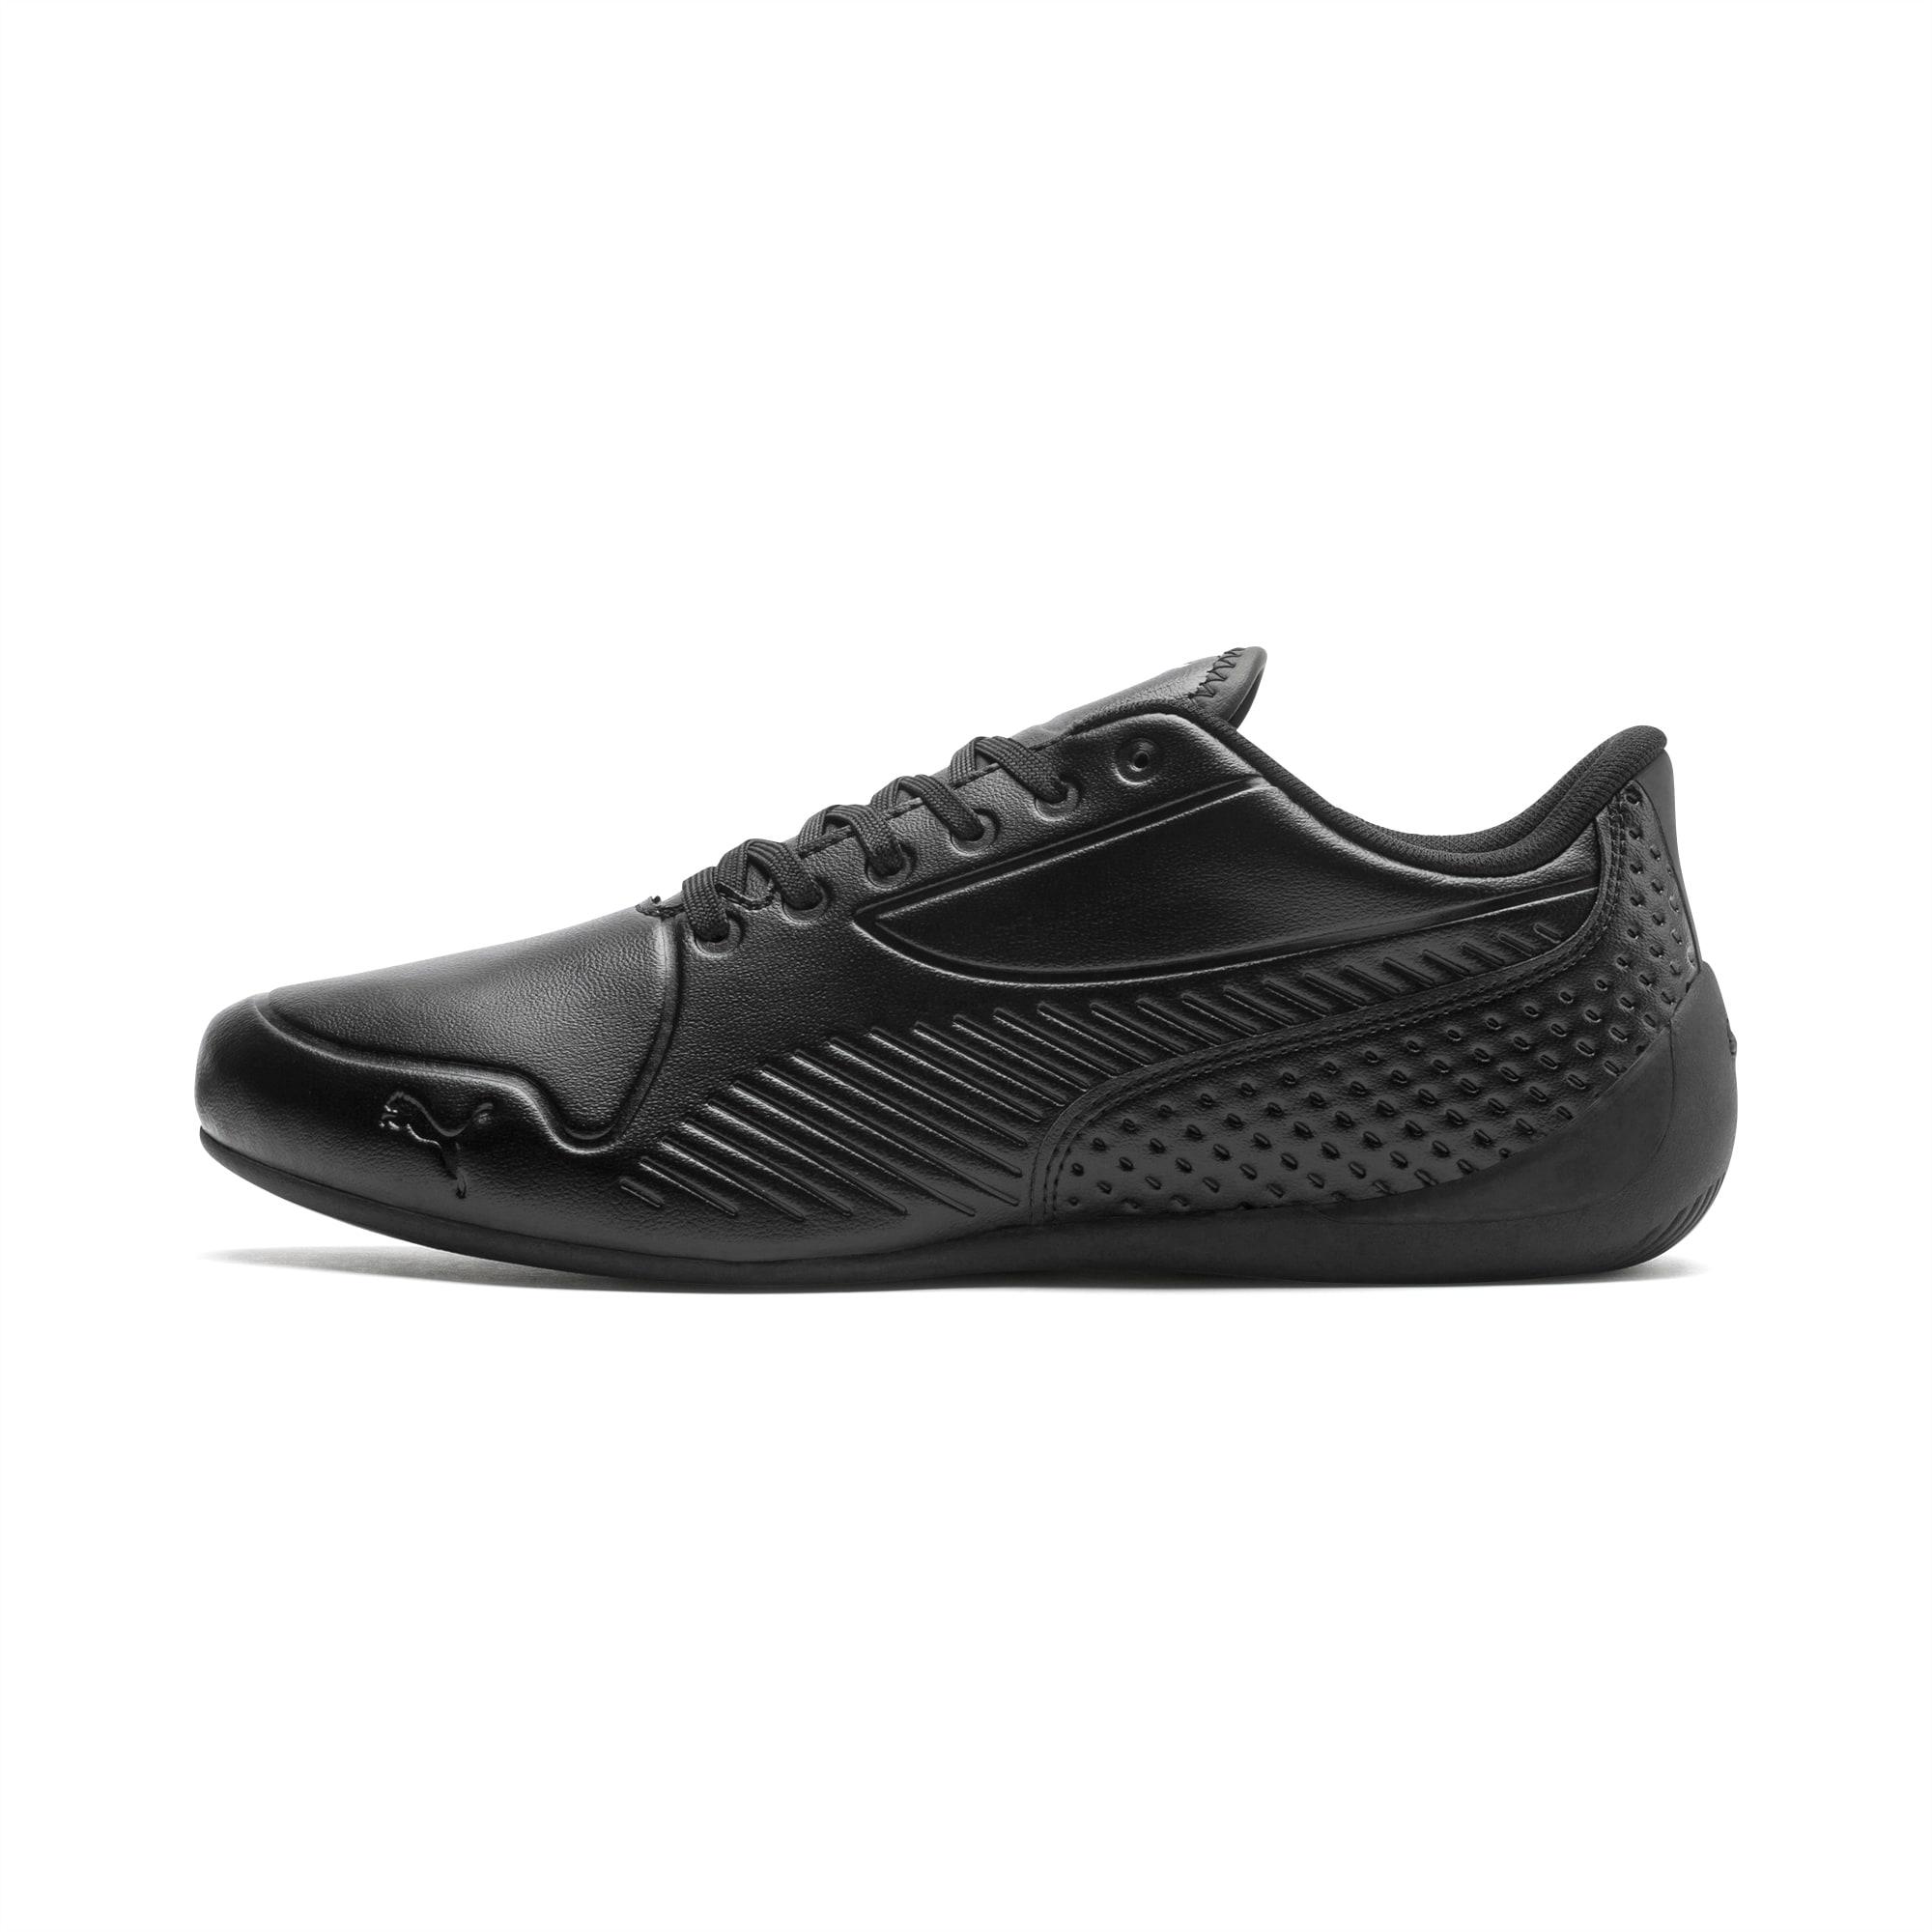 Drift Cat 7S Ultra sportschoenen voor Heren, Zwart, Maat 42,5 | PUMA